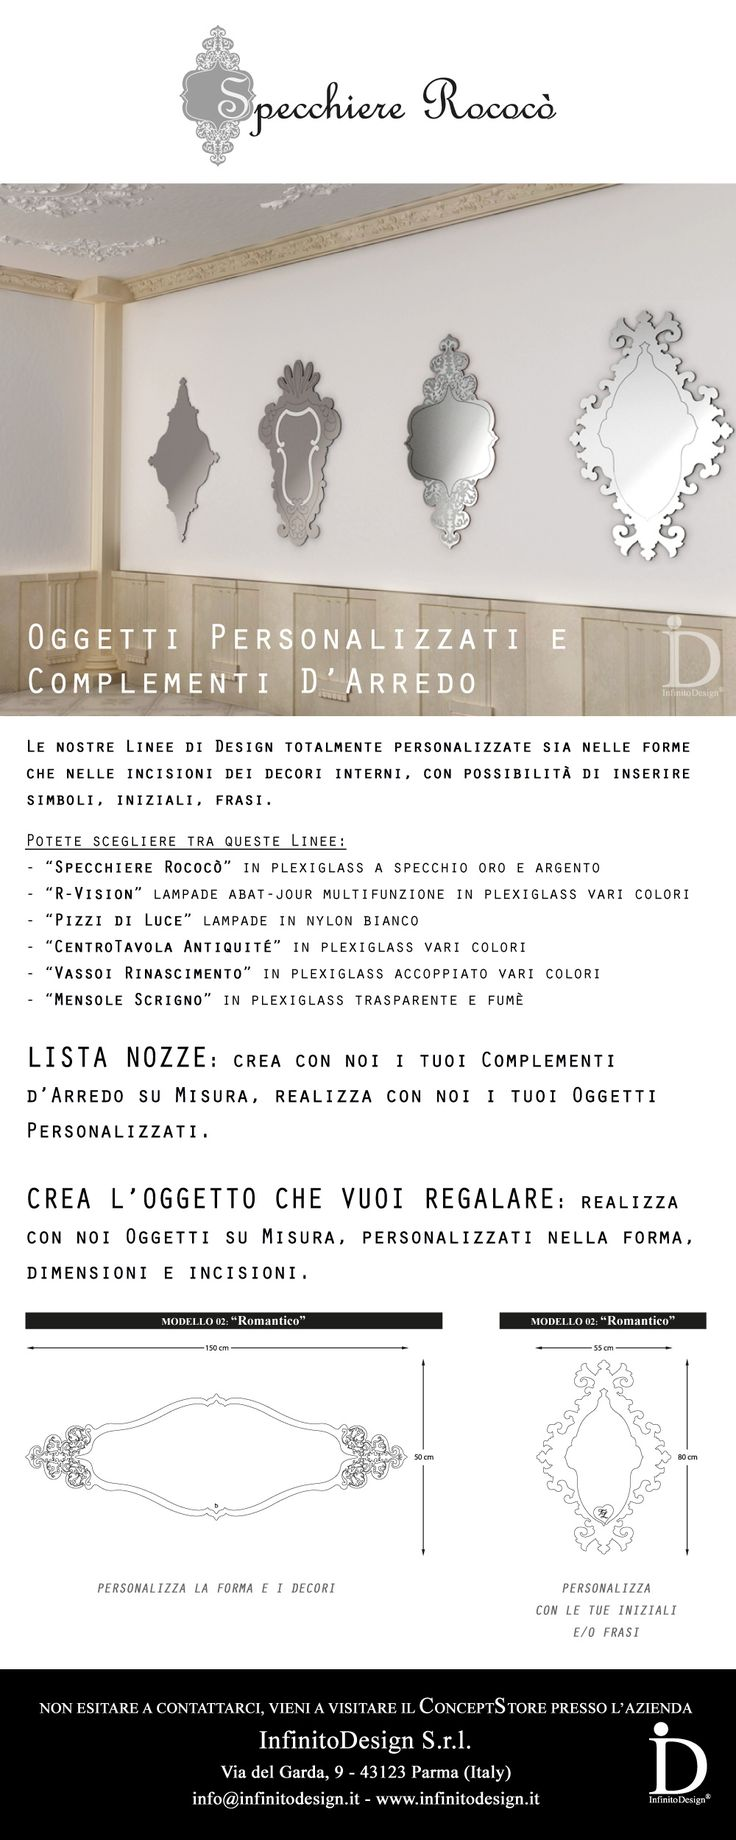 Complementi d'Arredo su Misura e Oggetti Personalizzati, creati appositamente per voi. Ideati e Prodotti in Italia.